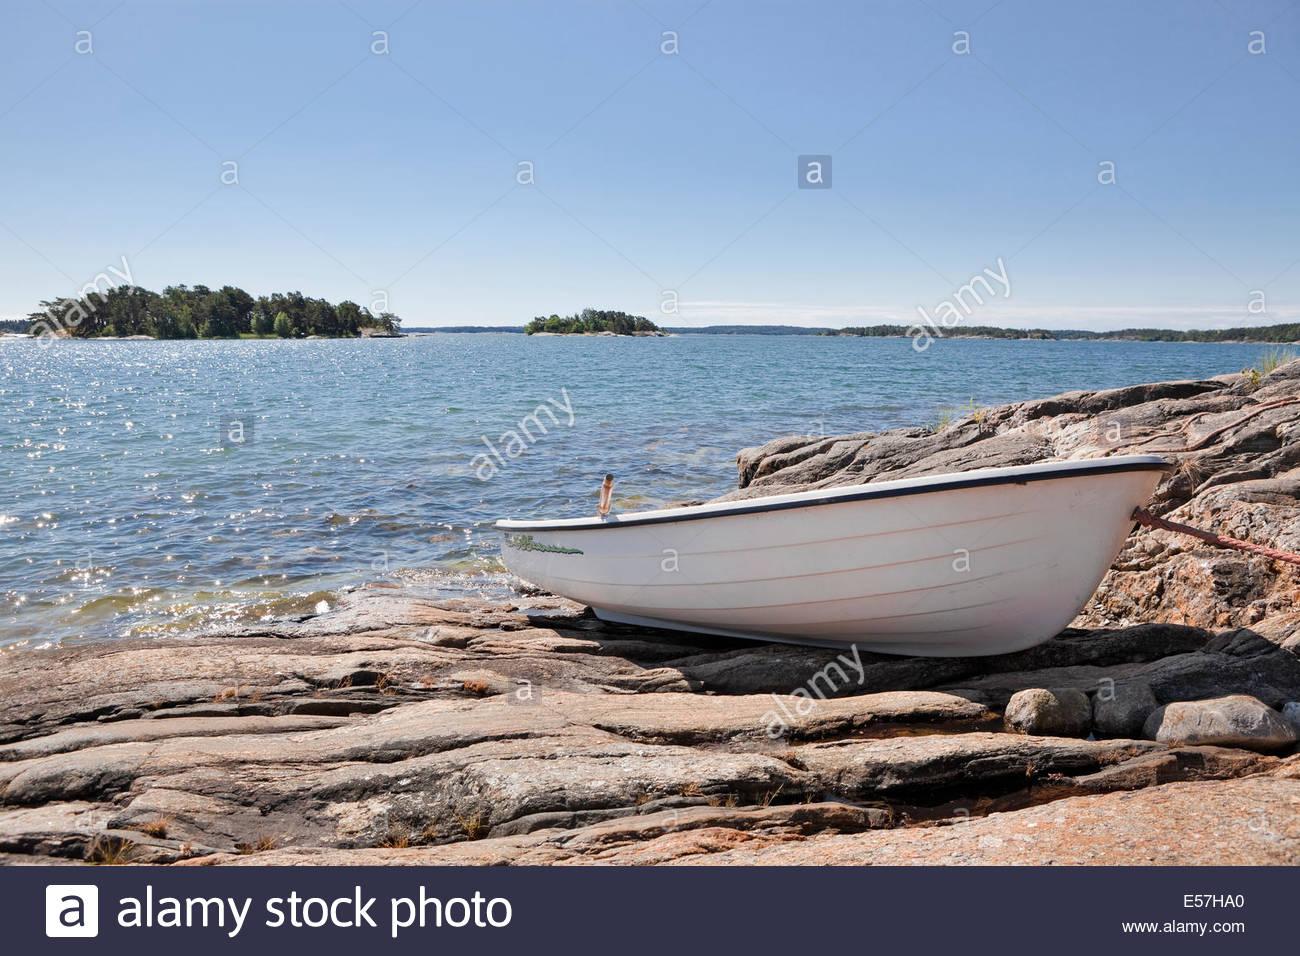 White rowboat on shore - Stock Image